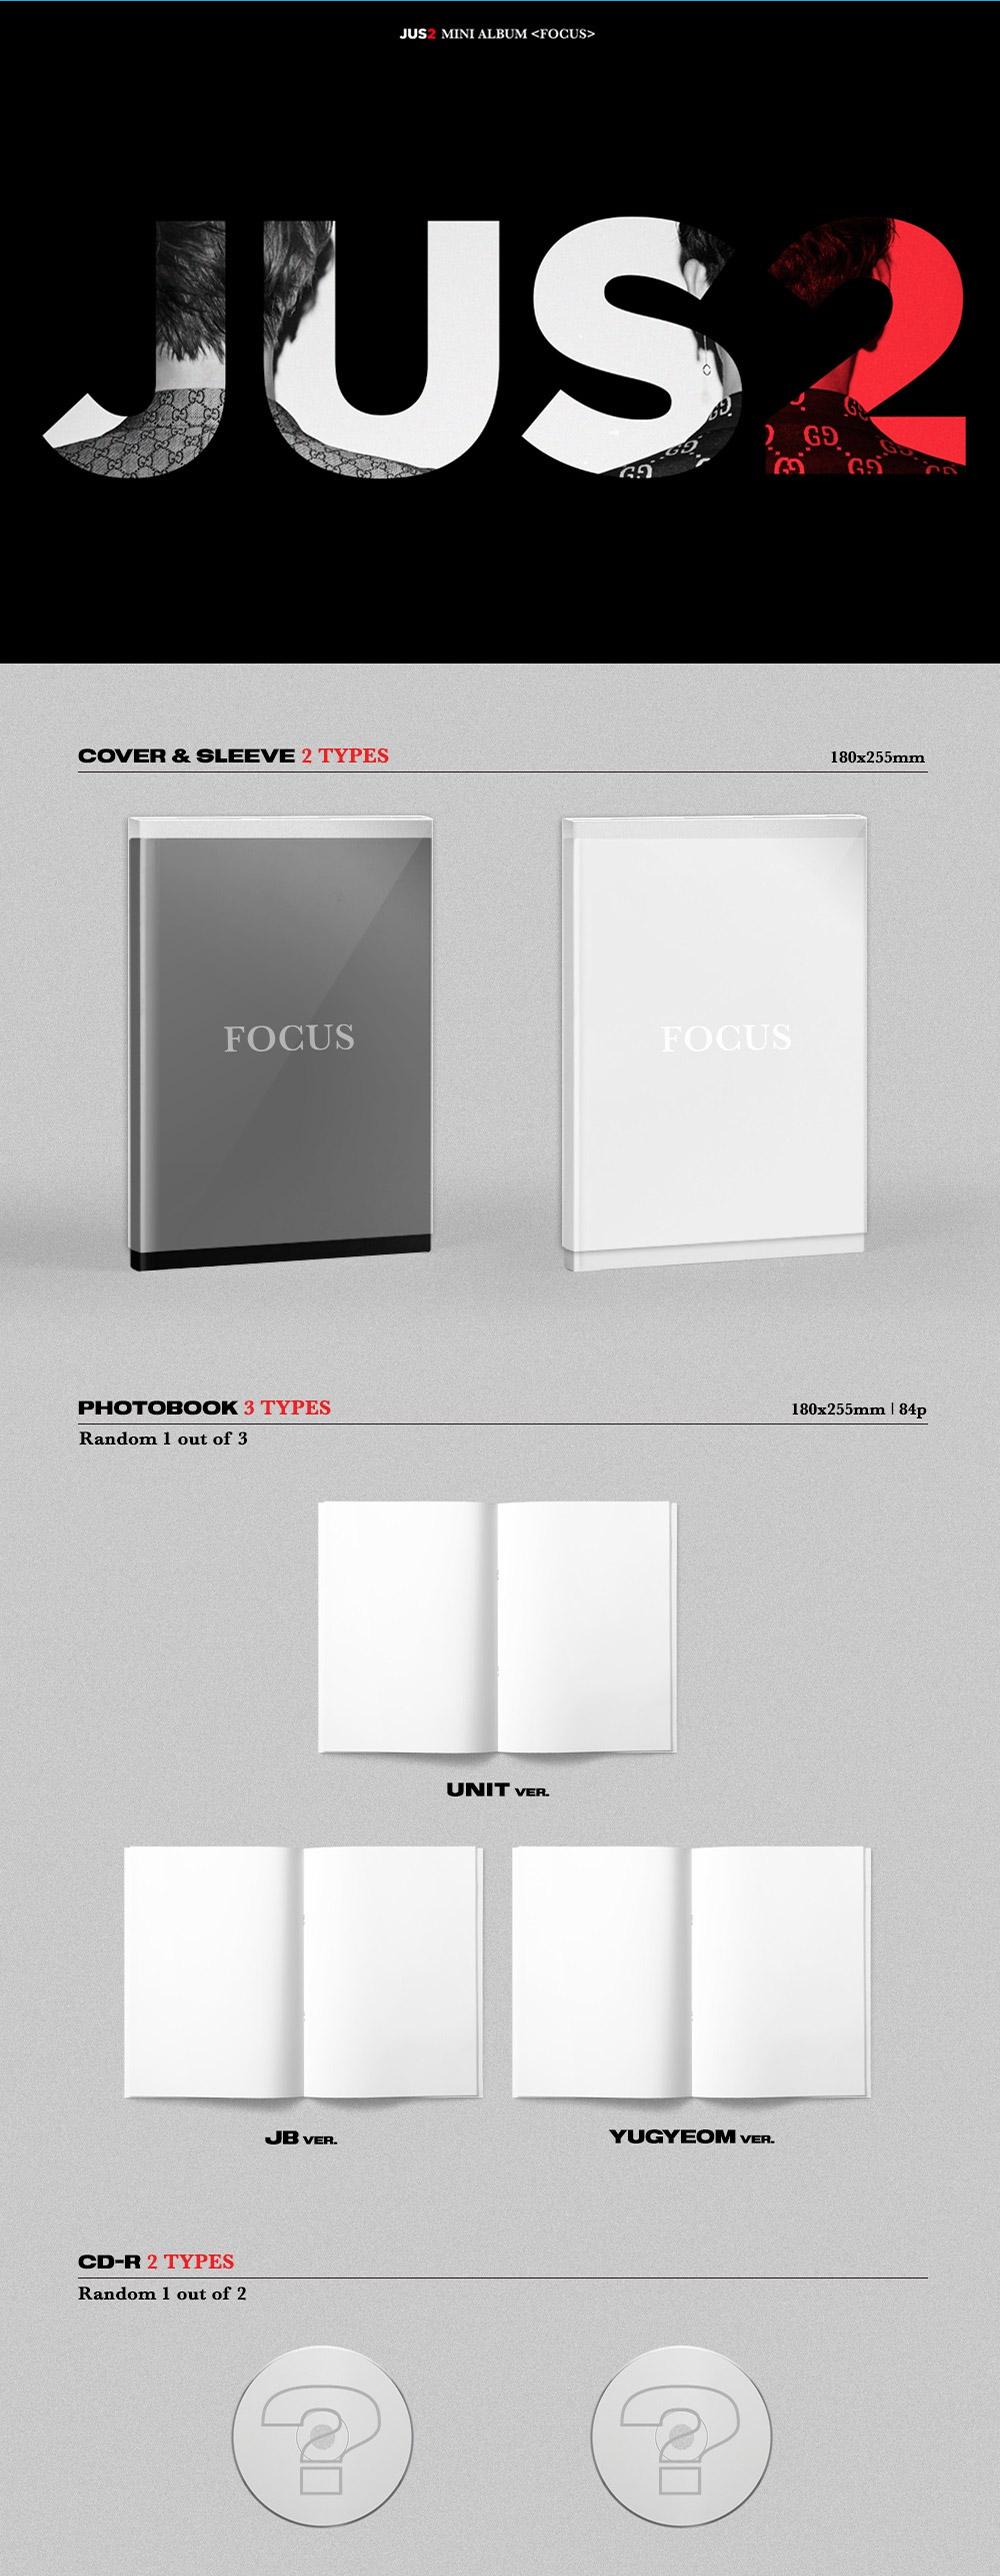 jus2_focus_01.jpg